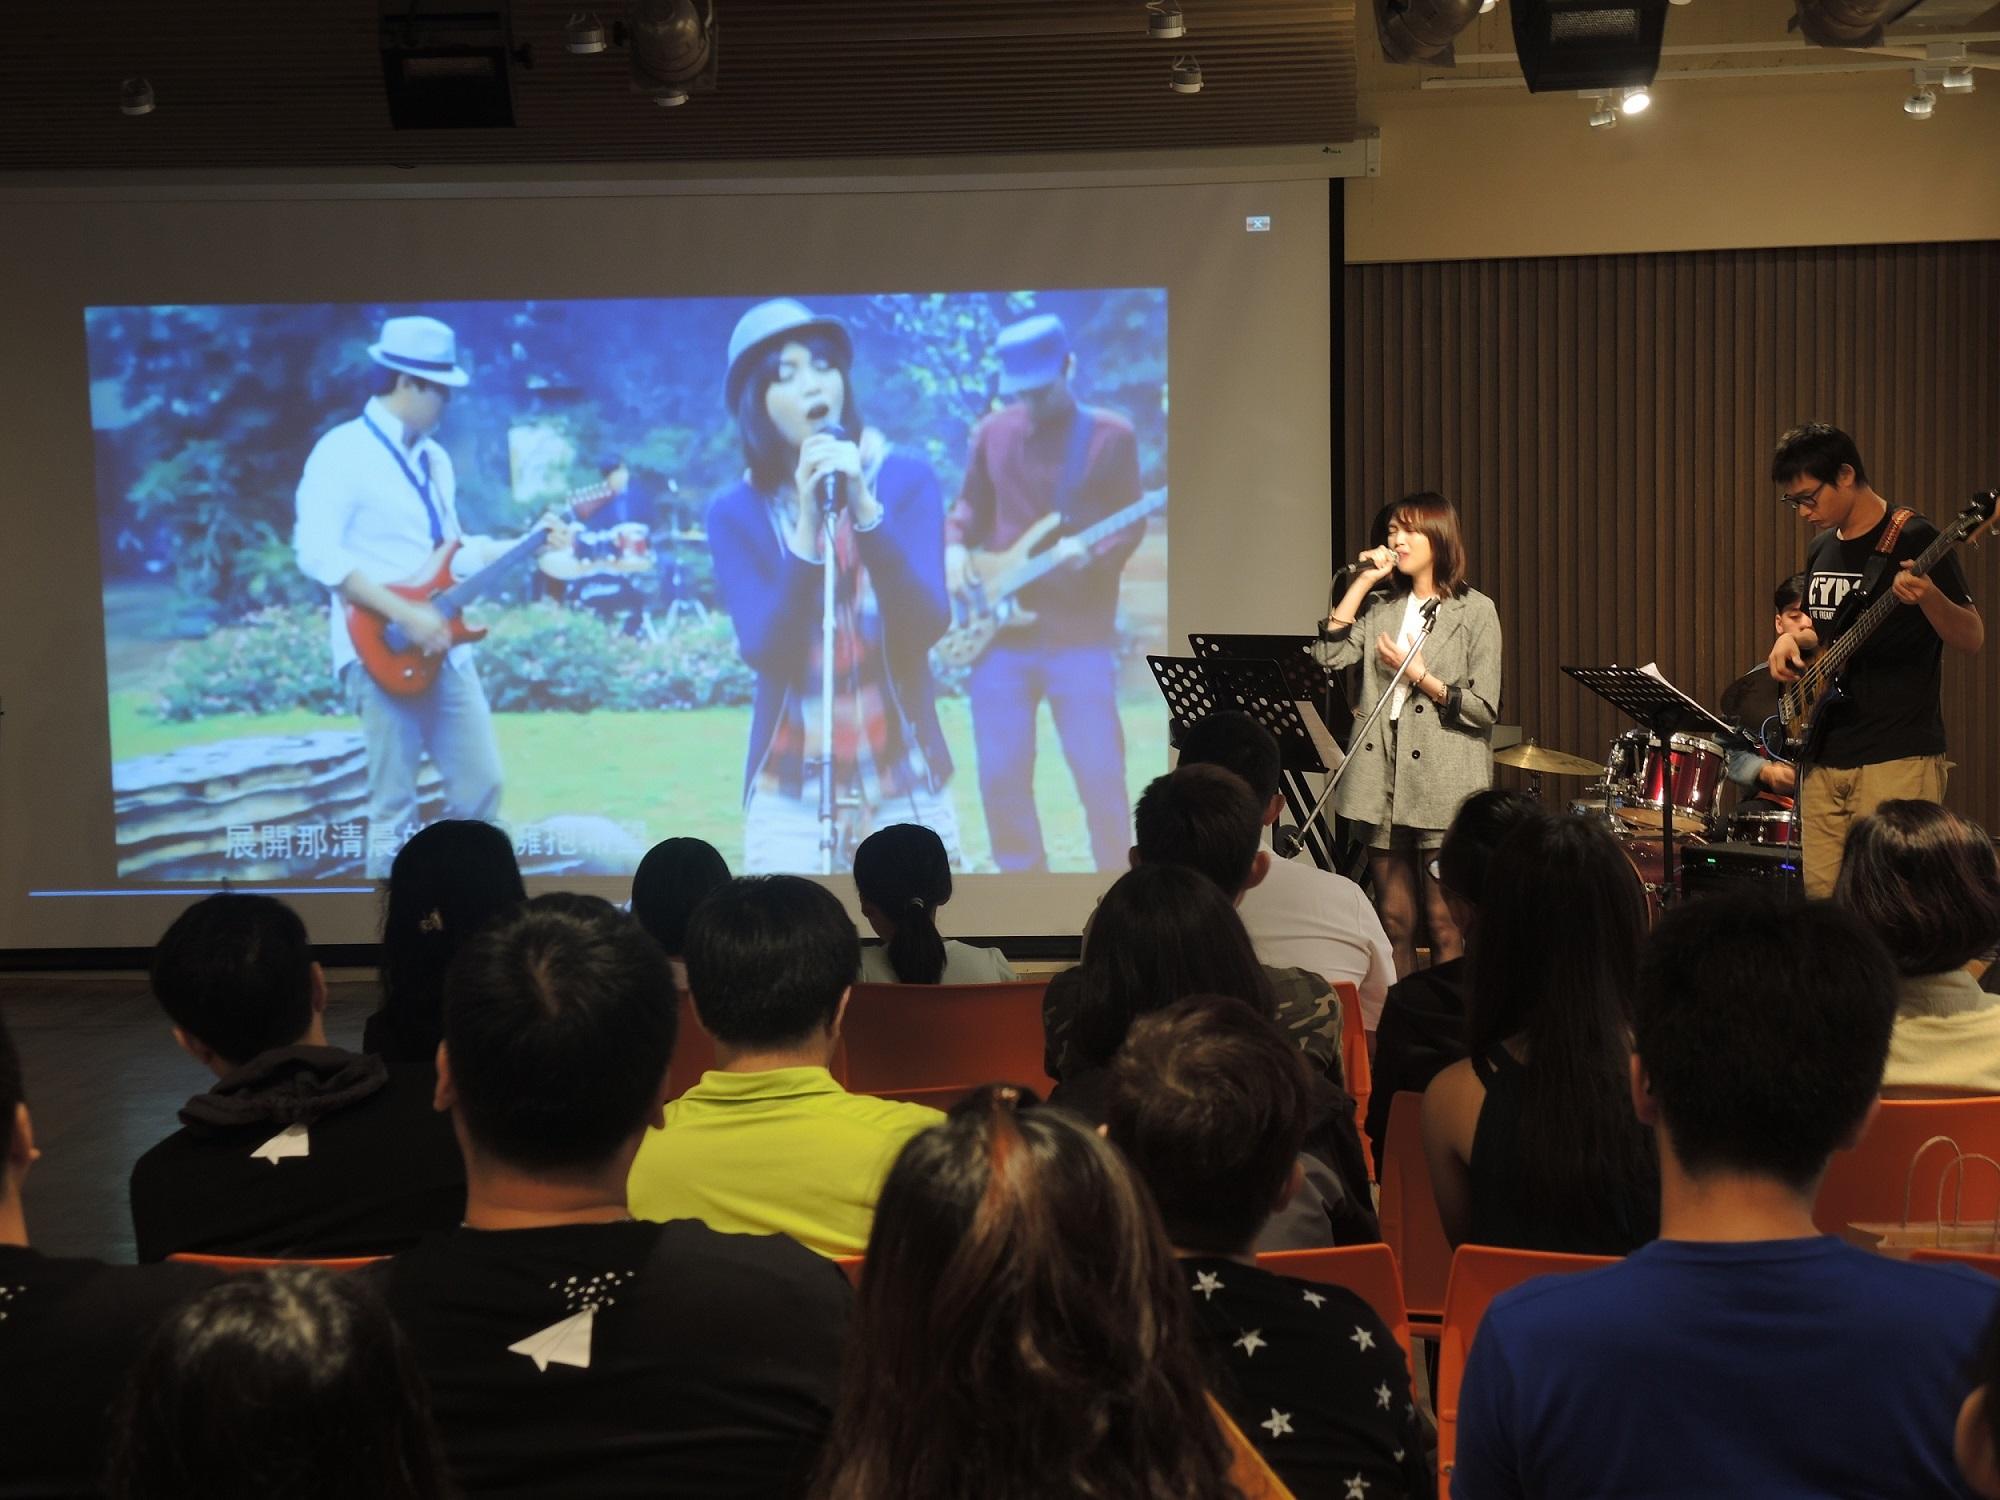 通稿照片-中原大學善用空間有限資源,為學生打造「多功能展演廳」,可舉辦小型演唱會、音樂會等表演活動.jpg